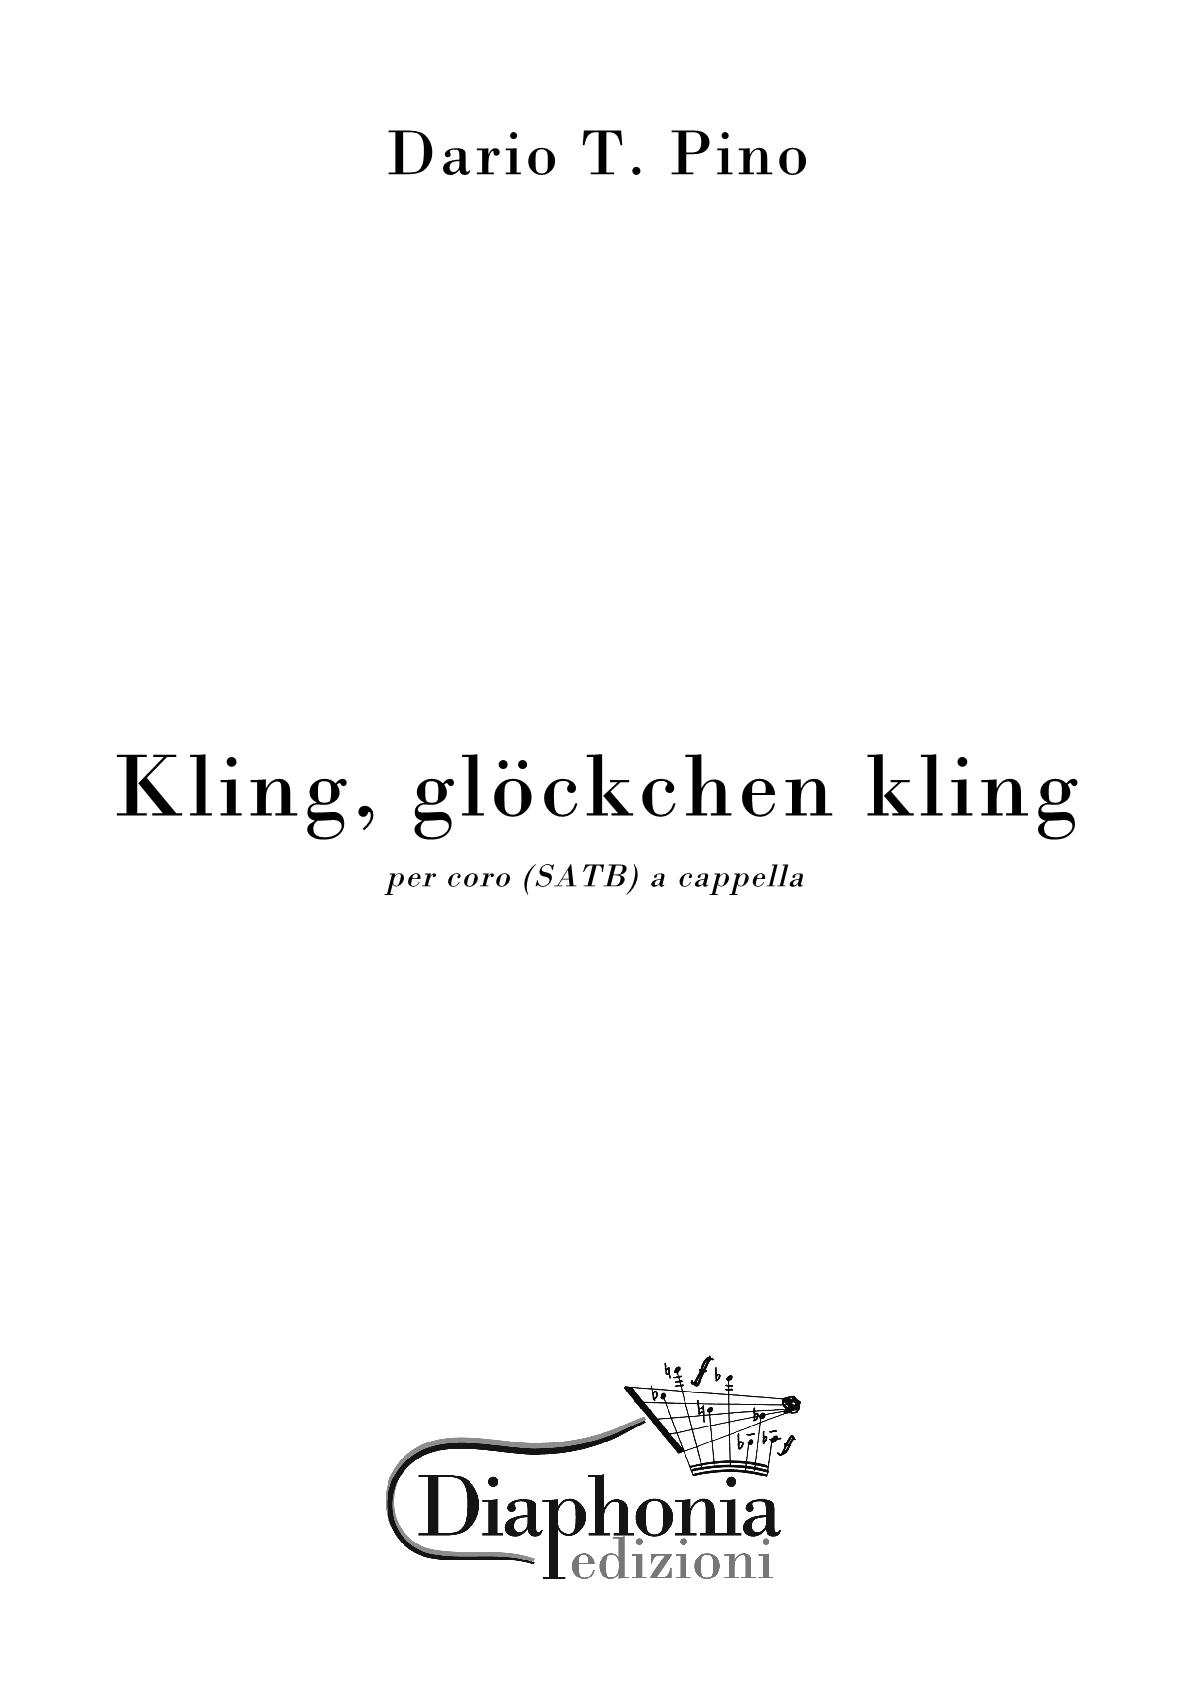 Innenarchitektur Kling Glöckchen Galerie Von Kling, Glockchen For Mixed Choir (satb) [digital]